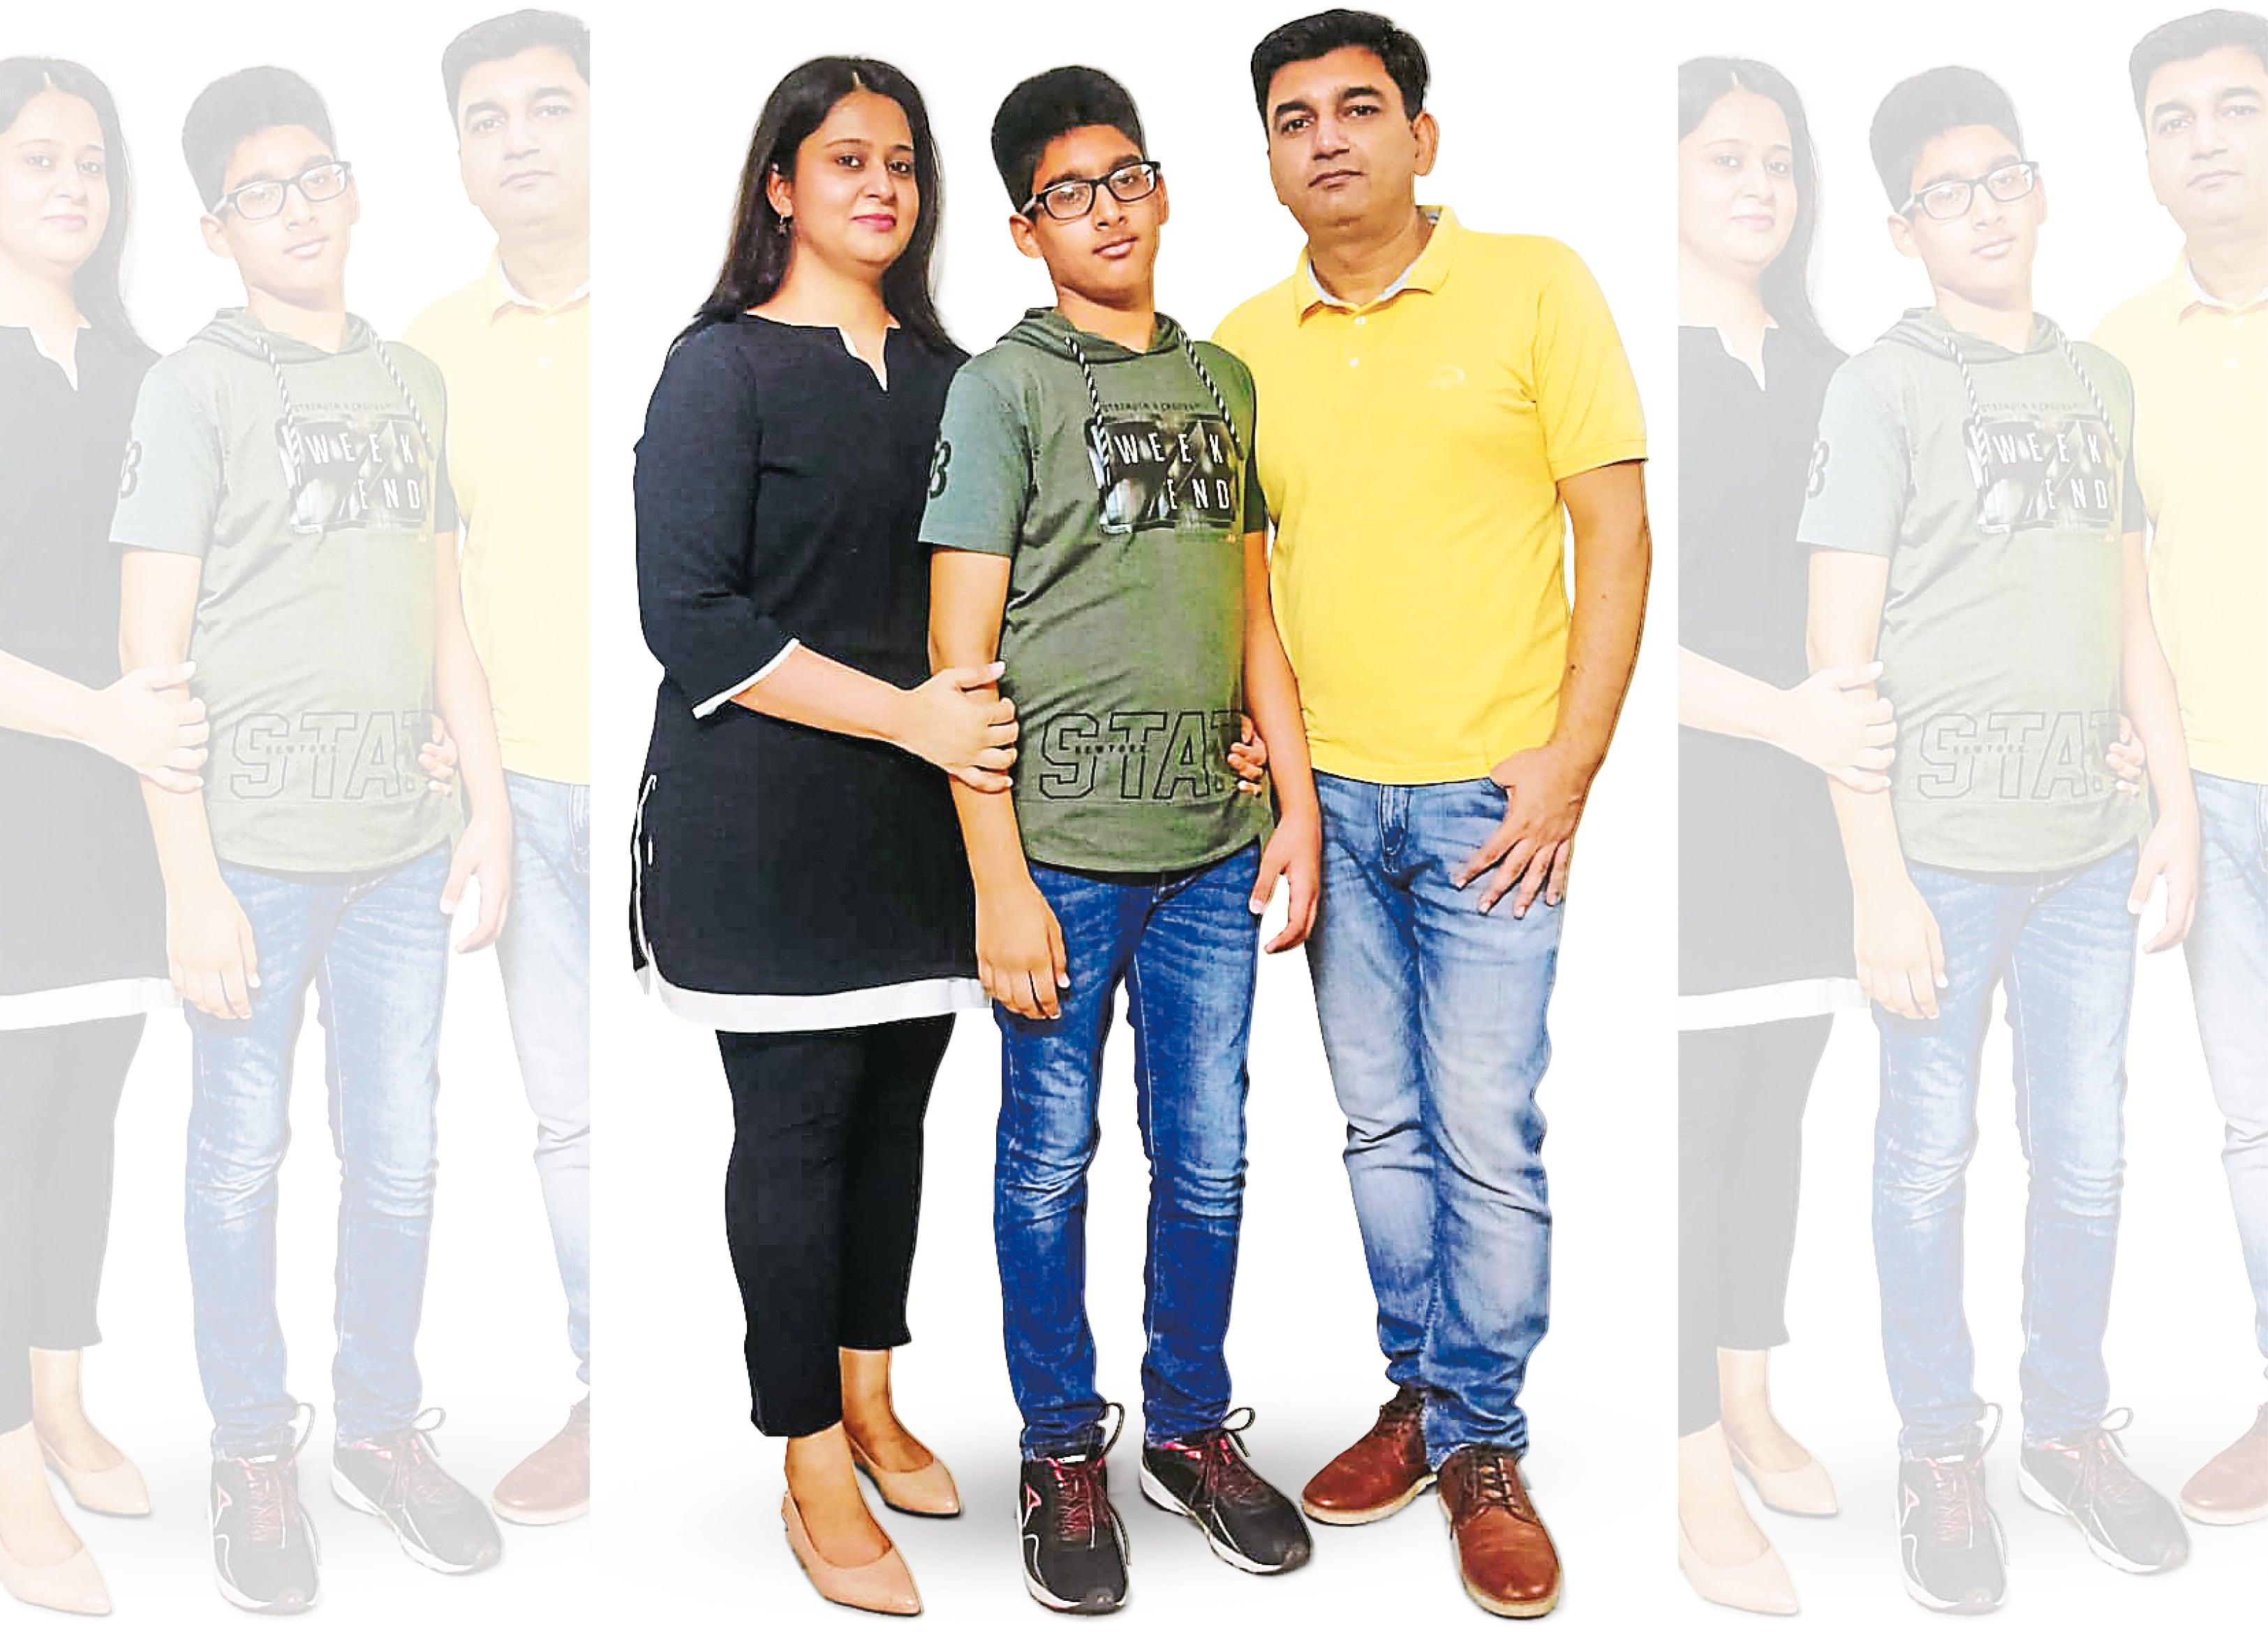 Deepak and Prachi Kalra;  Parents in Aarav, 12 years old